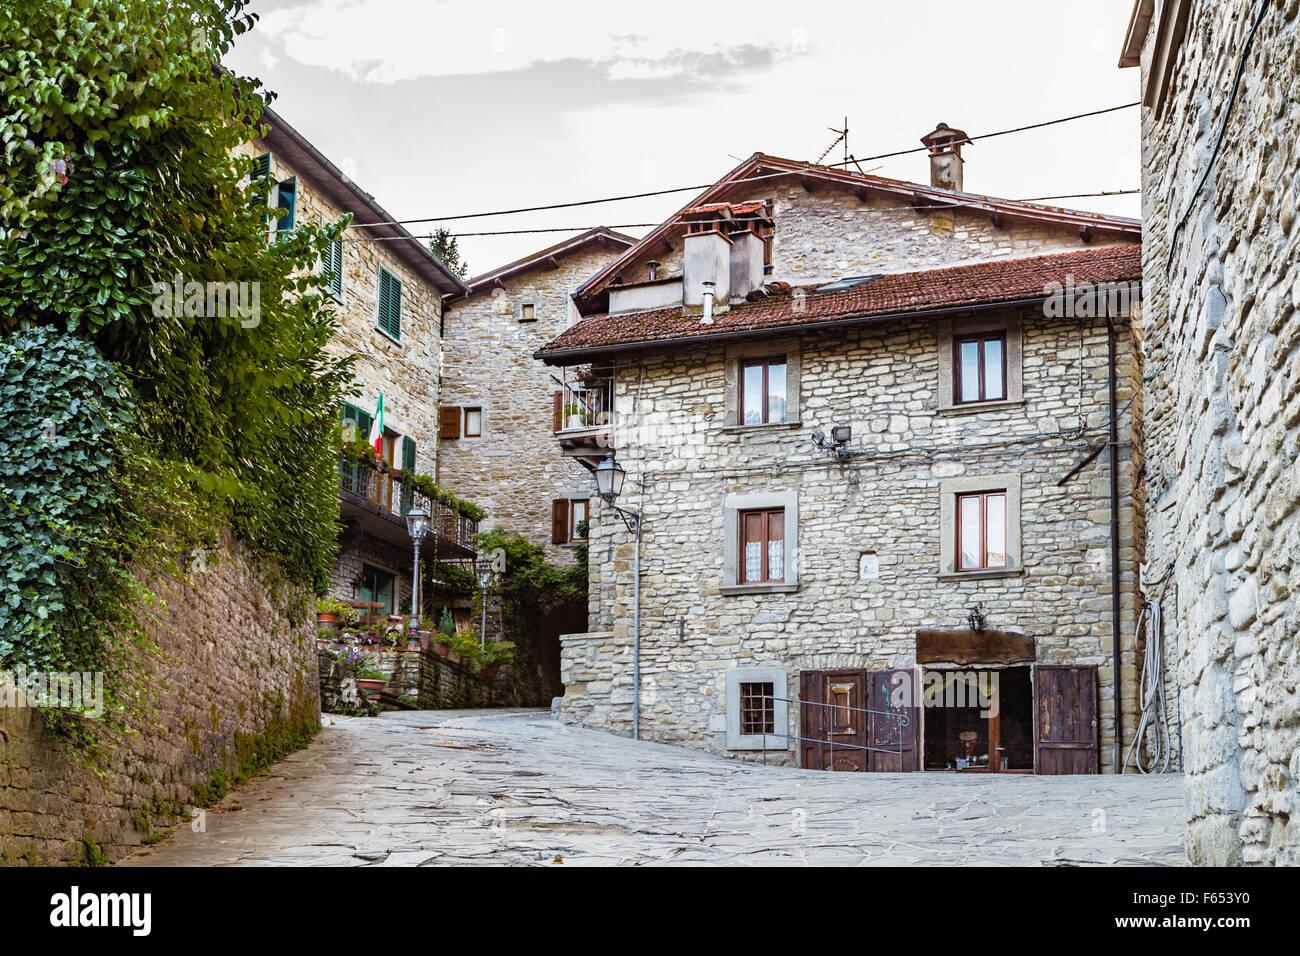 Case In Pietra Di Montagna : Vicoli nel borgo medievale di borgo di montagna in toscana